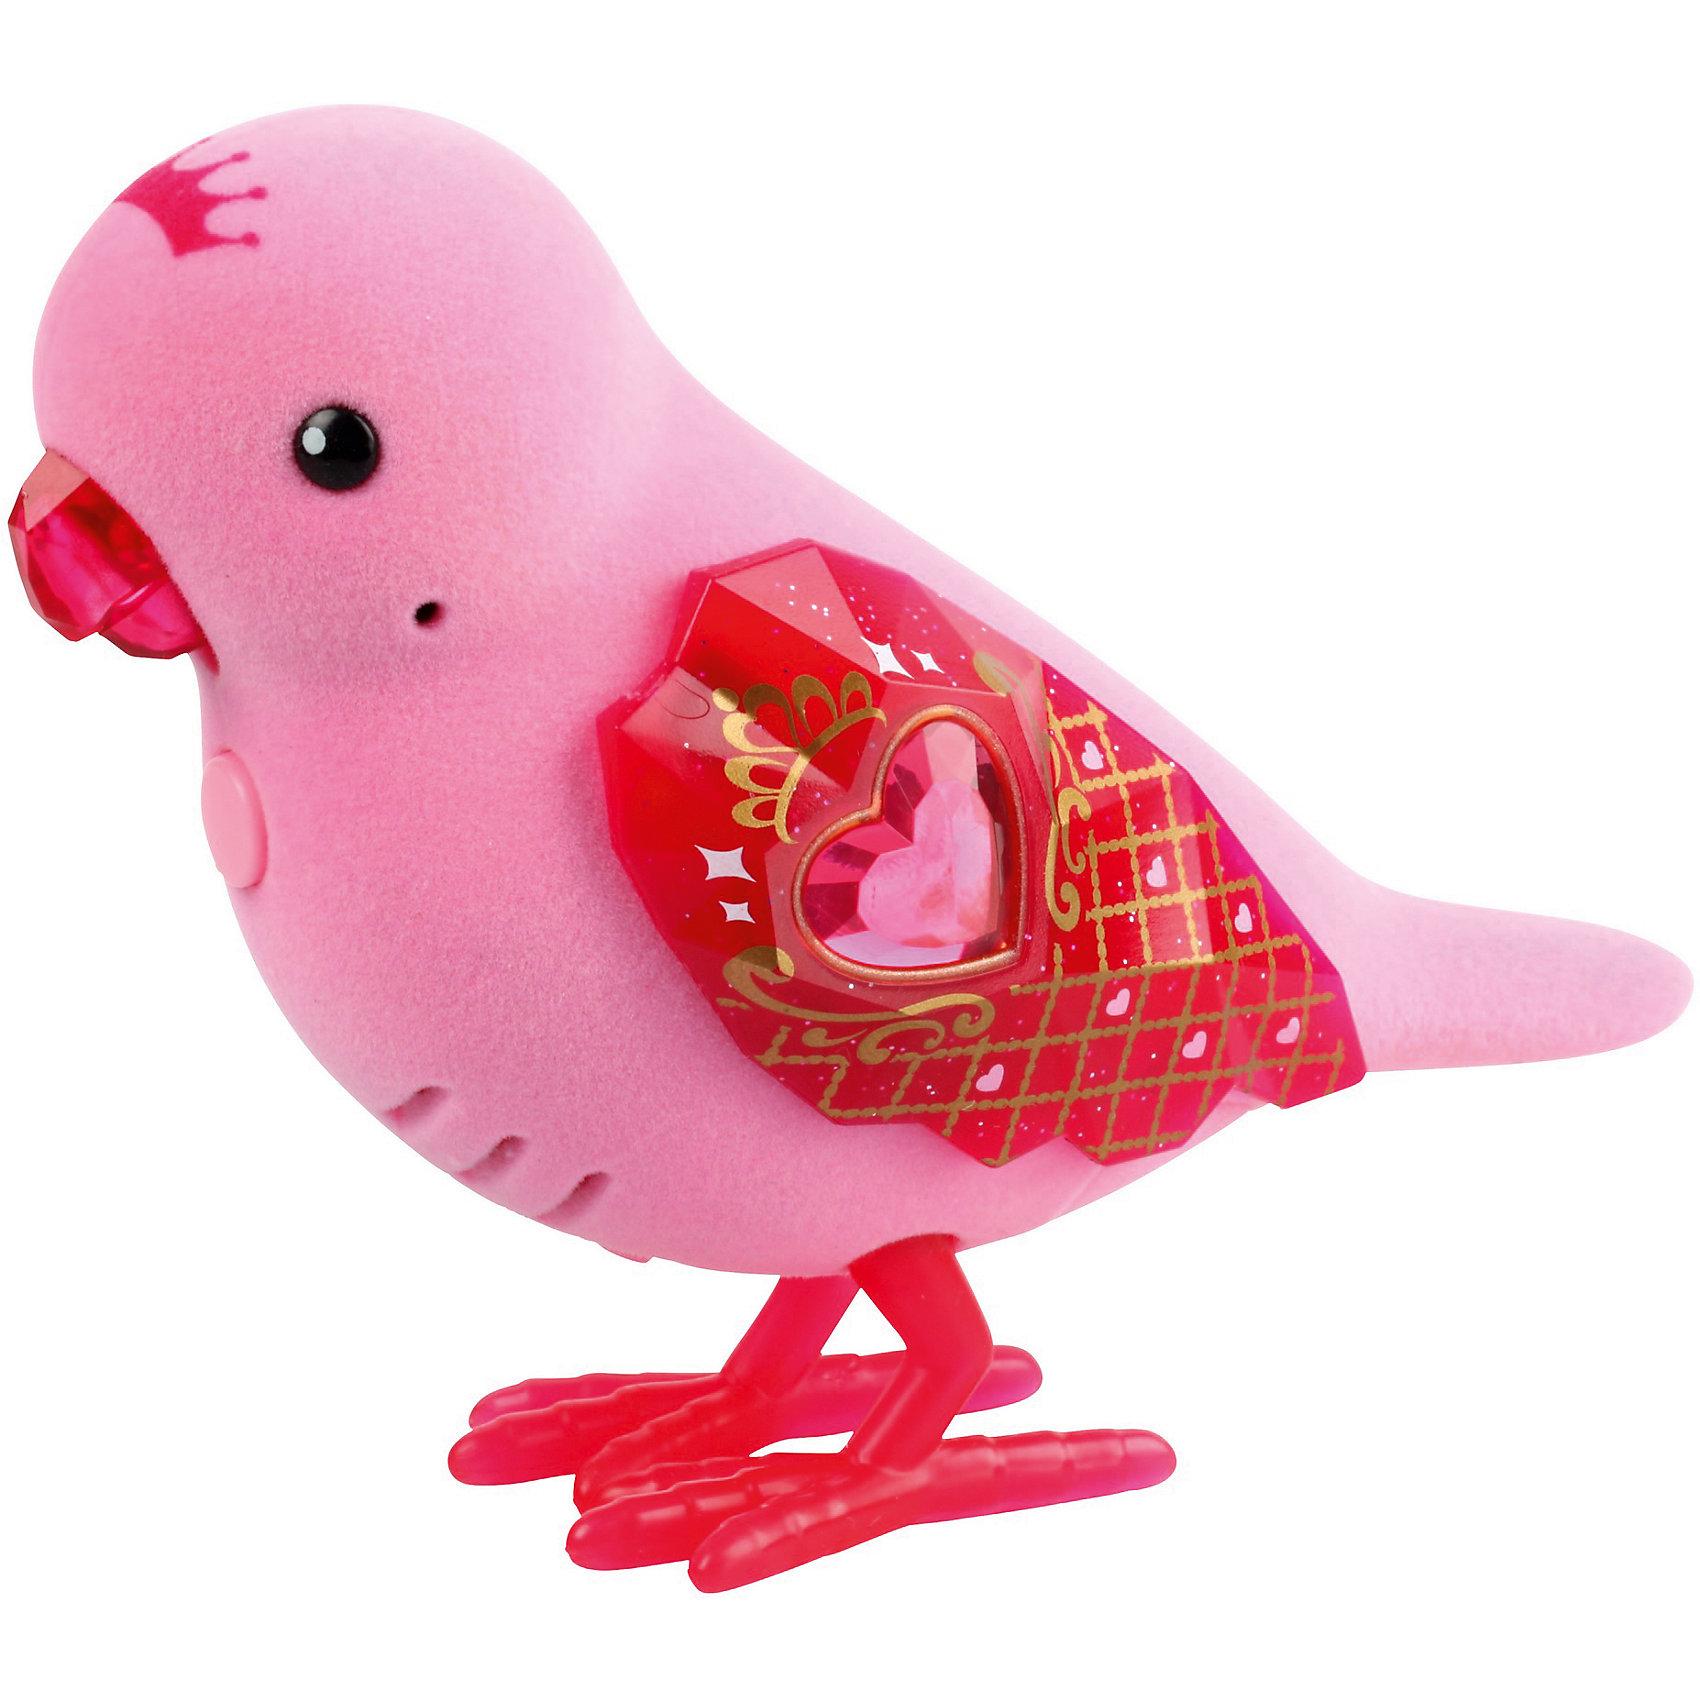 Интерактивная птичка Princess Gemma, Little Live Pets, MooseИнтерактивные животные<br>Характеристики товара:<br><br>• возраст от 5 лет;<br>• материал: пластик;<br>• работает от 2 батареек ААА (в комплект не входят);<br>• размер упаковки 22х14х5,5 см;<br>• вес упаковки 140 гр.;<br>• страна производитель: Китай.<br><br>Интерактивная птичка «Princess Gemma» Little Live Pets Moоse — необычная птичка, которая умеет петь, двигать клювом и реагирует на поглаживания. У птички красные лапки и клюв, оригинальные крылышки с узорами. Если нажать на кнопку на груди птички, она запоет. <br><br>Интерактивную птичку «Princess Gemma» Little Live Pets Moоse можно приобрести в нашем интернет-магазине.<br><br>Ширина мм: 55<br>Глубина мм: 140<br>Высота мм: 220<br>Вес г: 140<br>Возраст от месяцев: 60<br>Возраст до месяцев: 2147483647<br>Пол: Унисекс<br>Возраст: Детский<br>SKU: 5611996